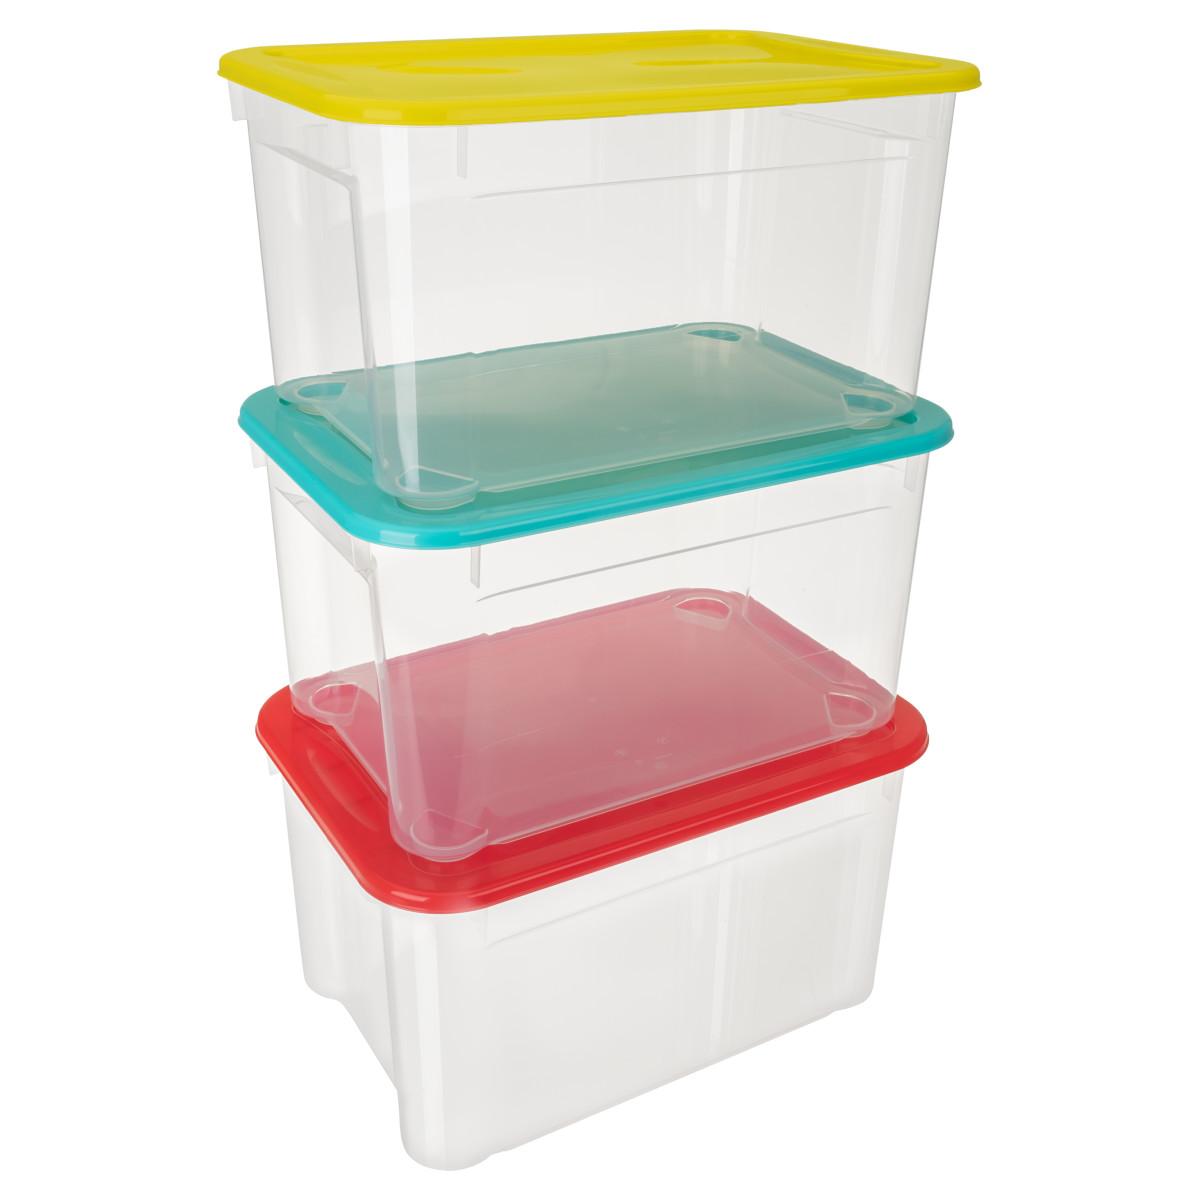 Комплект ящиков для хранения 39х27.5х21.5 см полипропилен цвет прозрачный 3шт